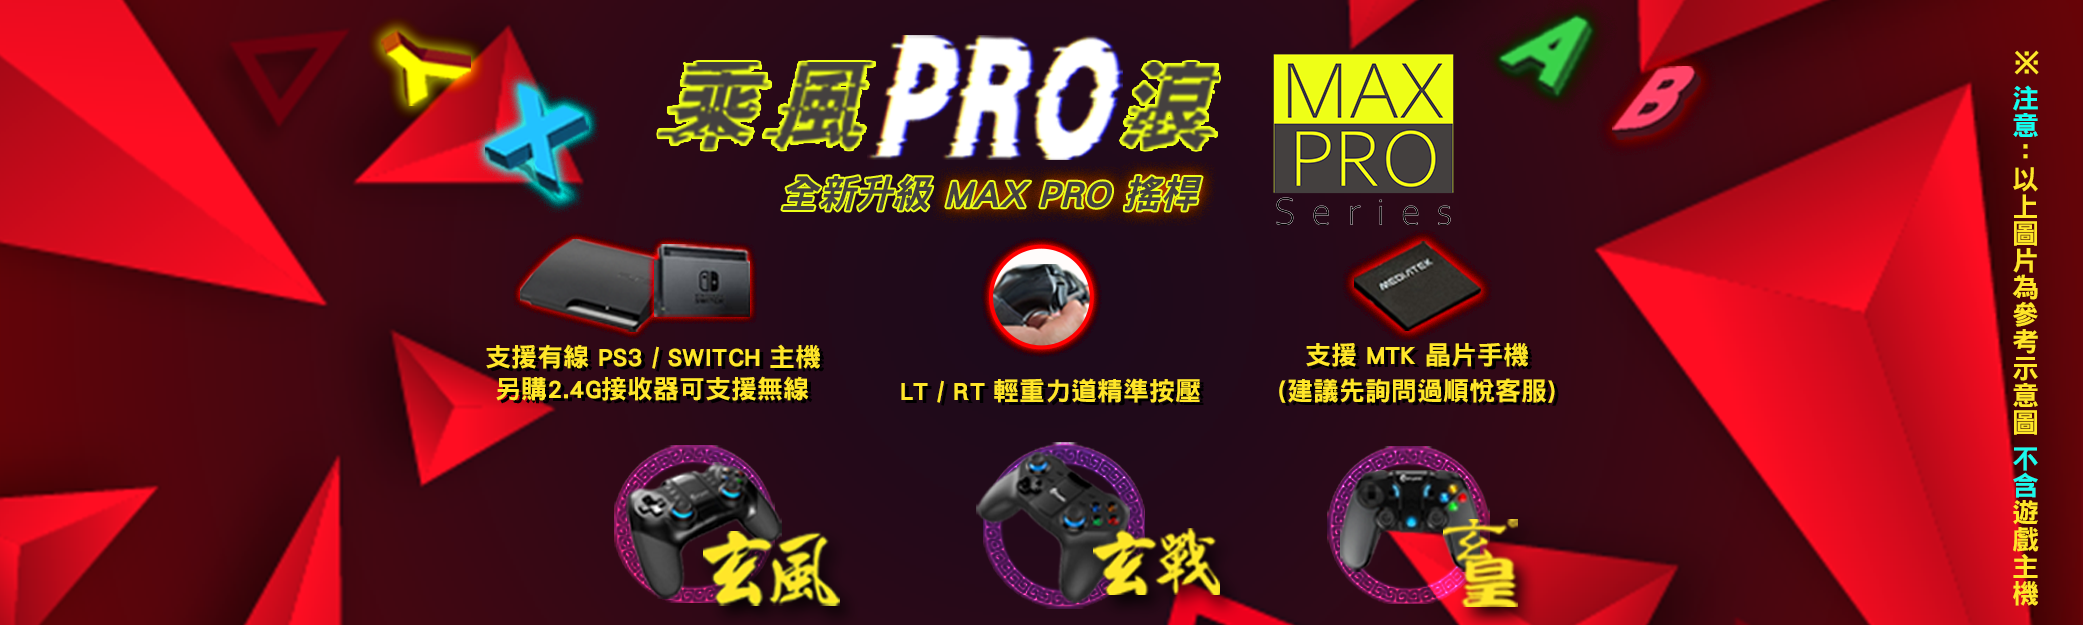 PRO 款 banner